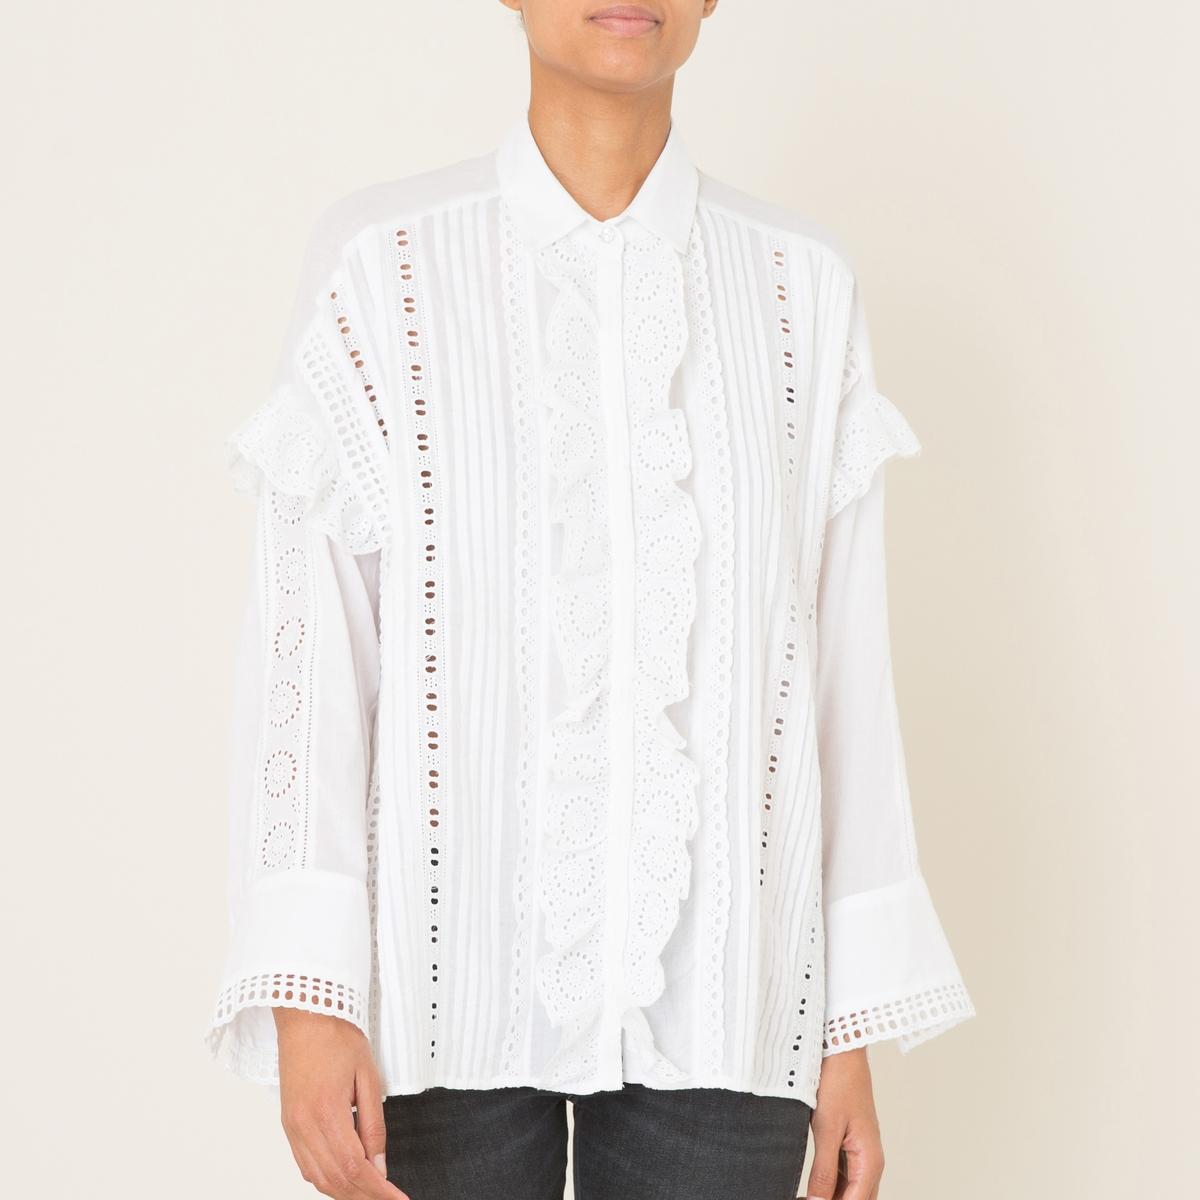 Рубашка из хлопка.Состав и описание Материал : 100% хлопокМарка : THE KOOPLES<br><br>Цвет: белый